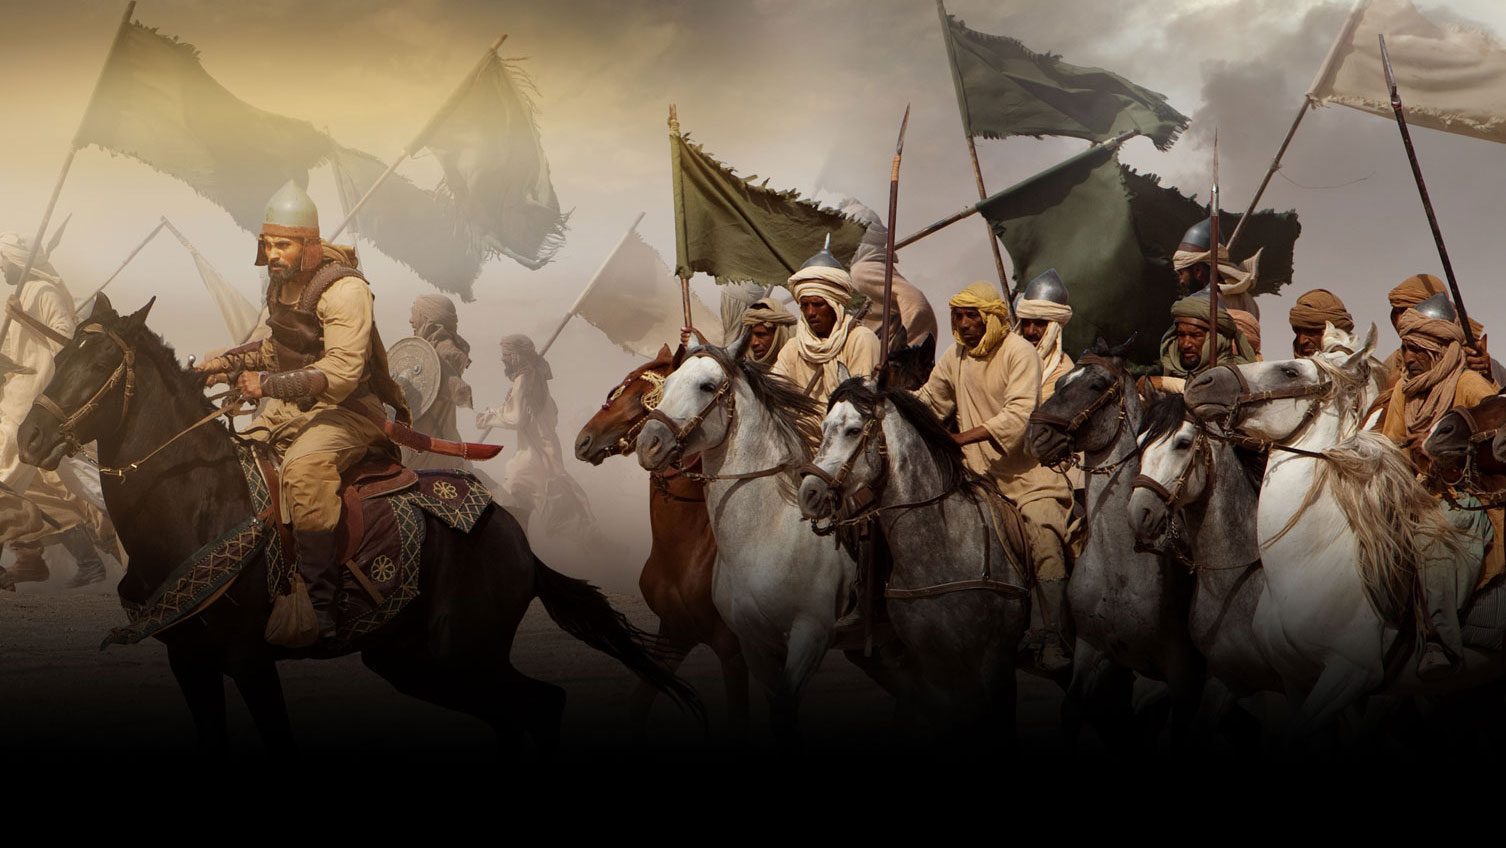 هروب عبد الرحمن بن الداخل الي قيروان